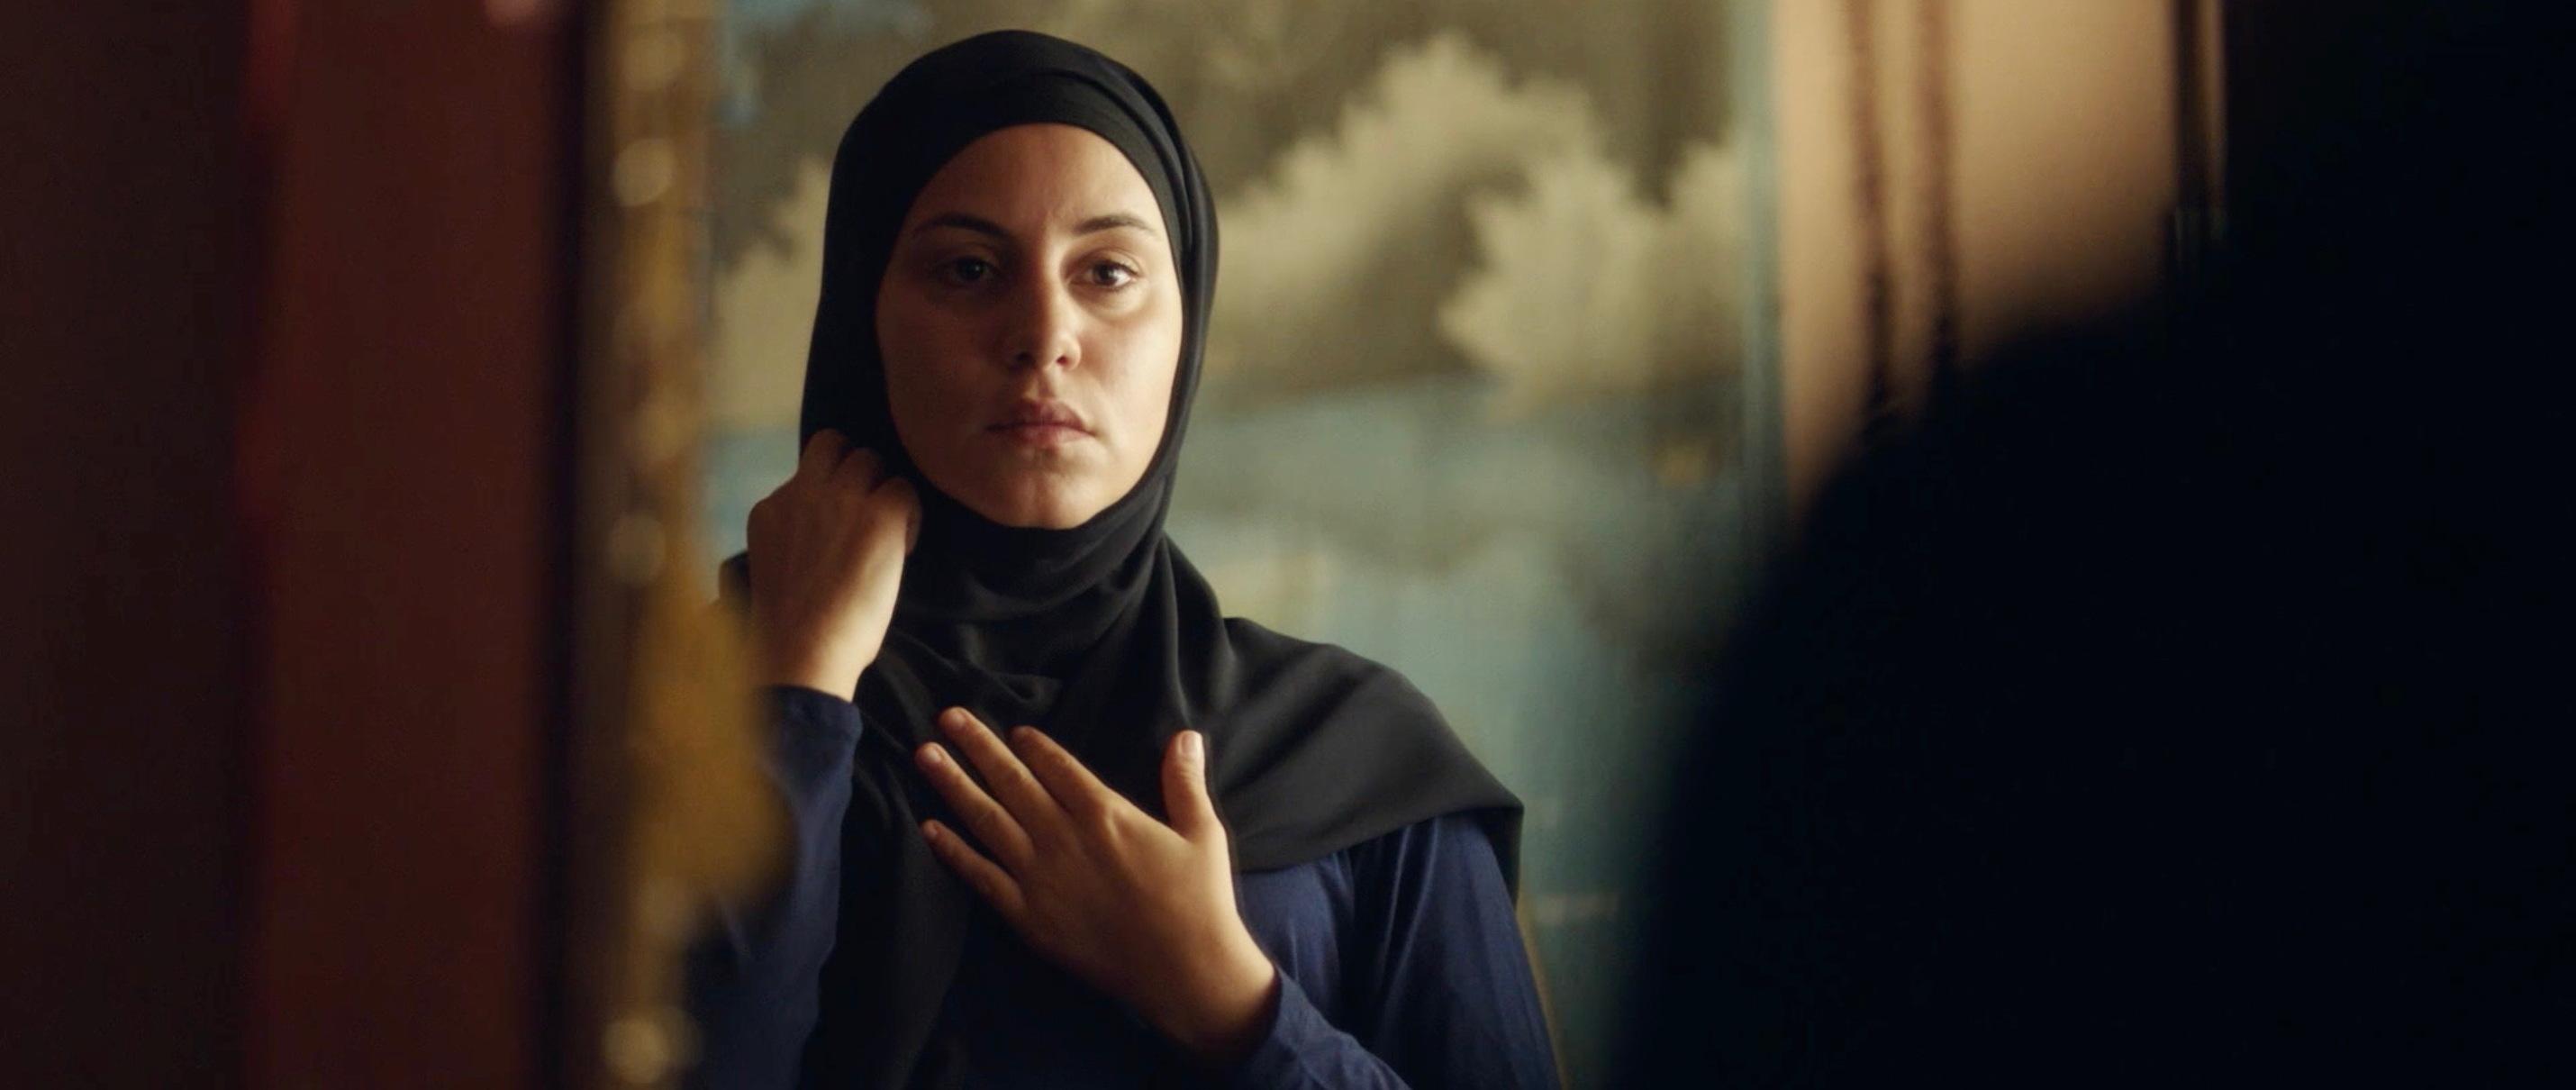 Nur eine Frau - A Regular Women - Aynur mit schwarzem Kopftuch - Regie Sherry Hormann - Kamera Judith Kaufmann